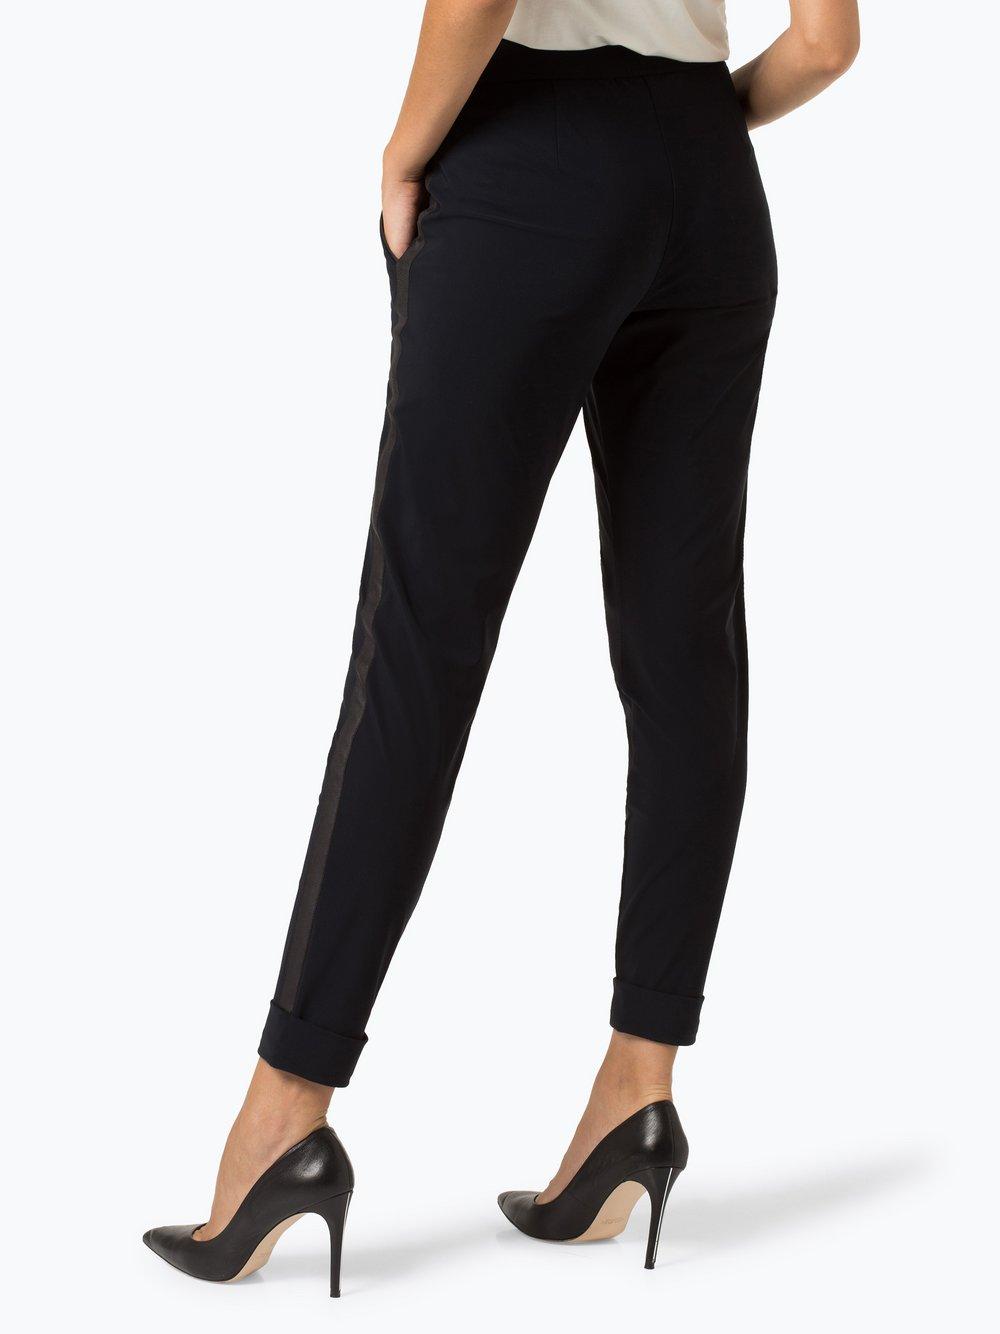 neue bilder von beste Qualität Shop für Beamte RAFFAELLO ROSSI Damen Hose - Candice Stripe online kaufen ...